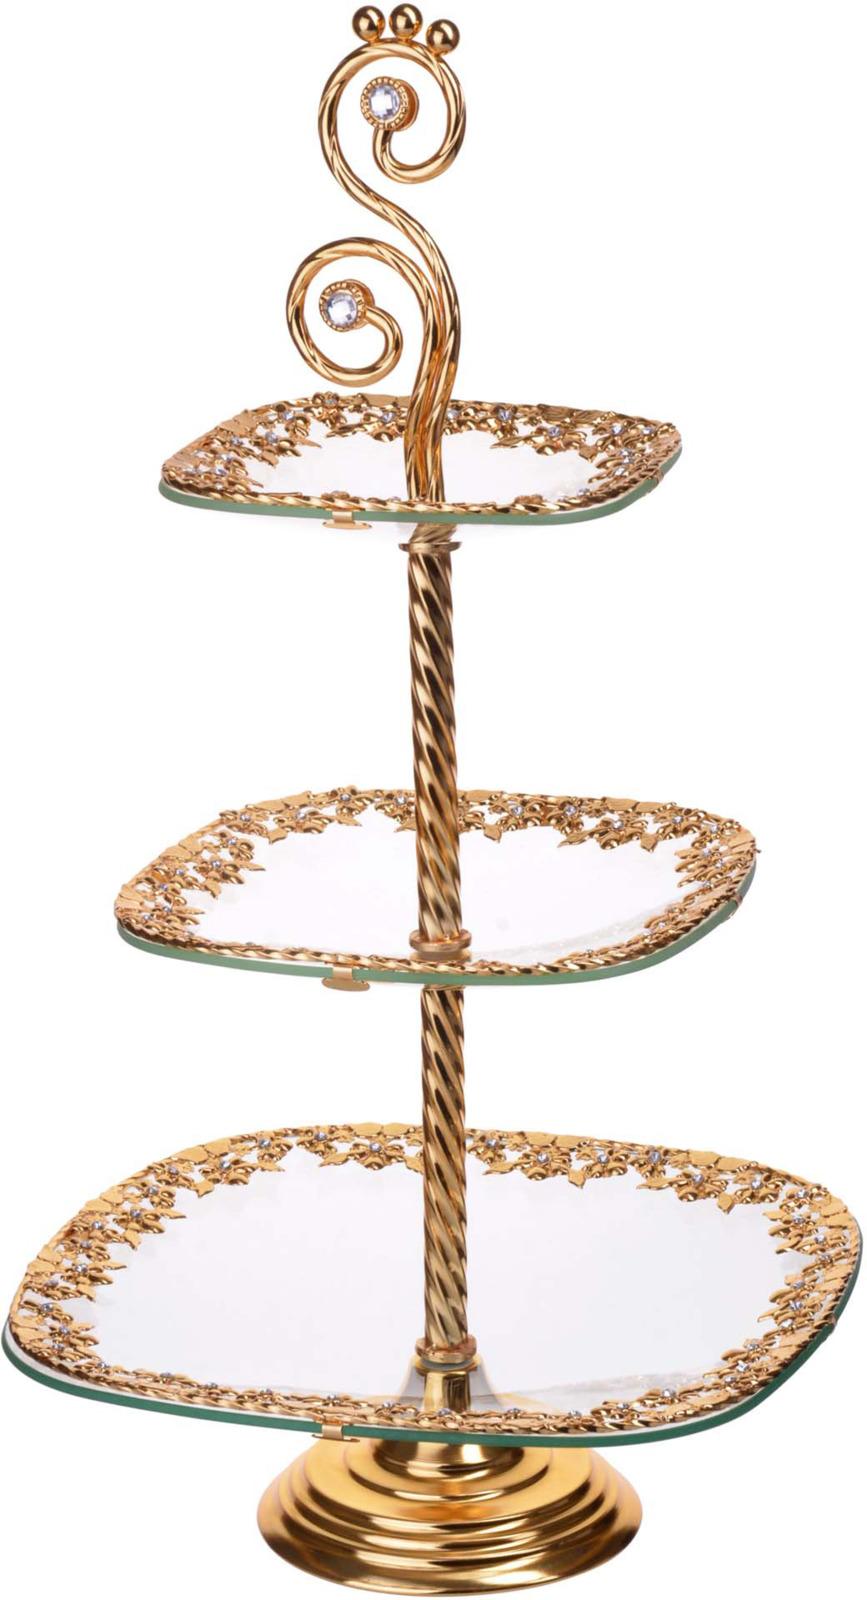 Конфетница Loraine, 3-ярусная, цвет: золотой, высота 55 см набор фильтров philips fc8066 01